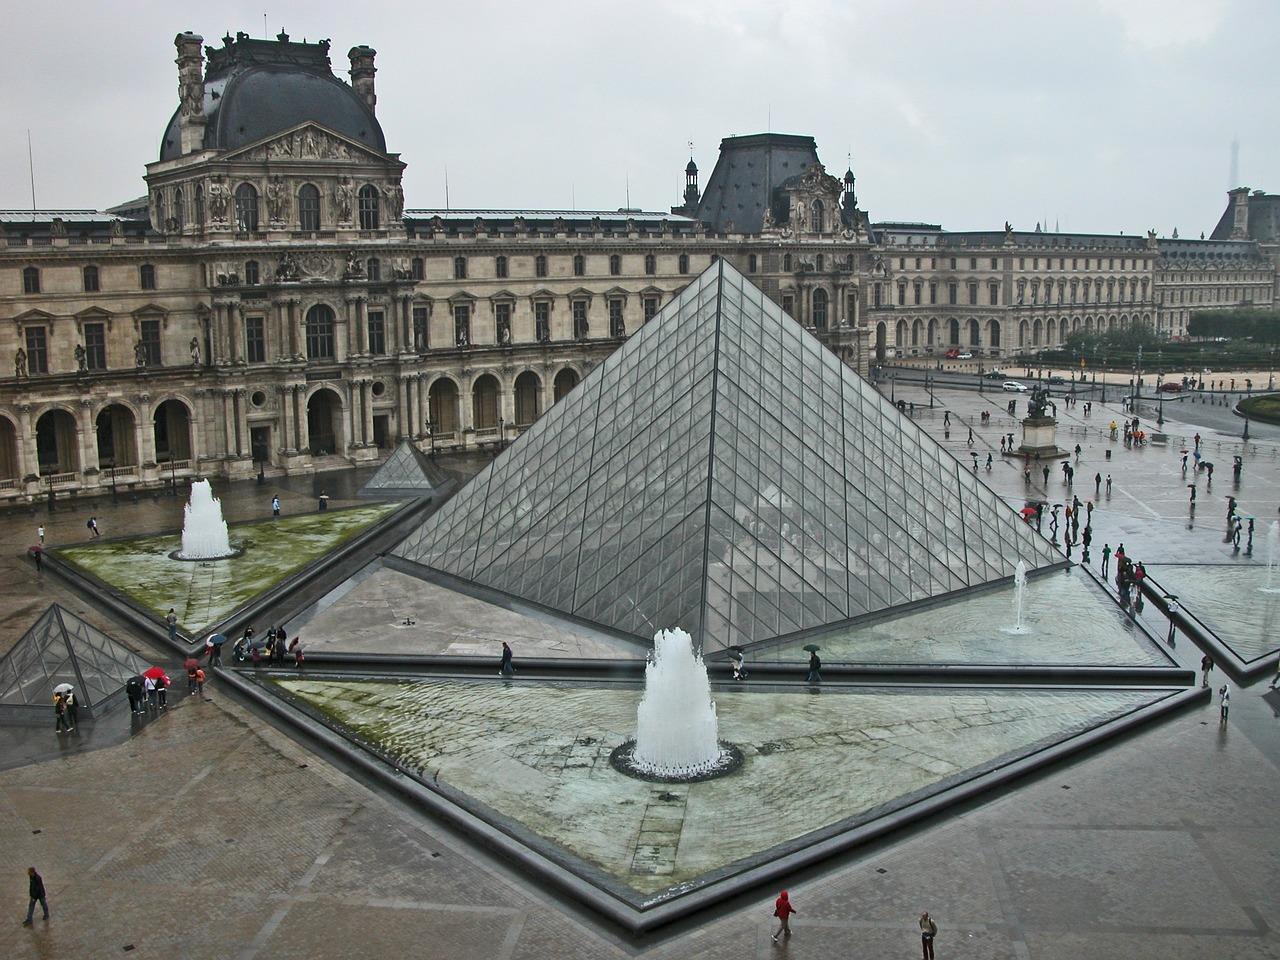 официальном фото с пирамидой лувра шестидесятые-семидесятые